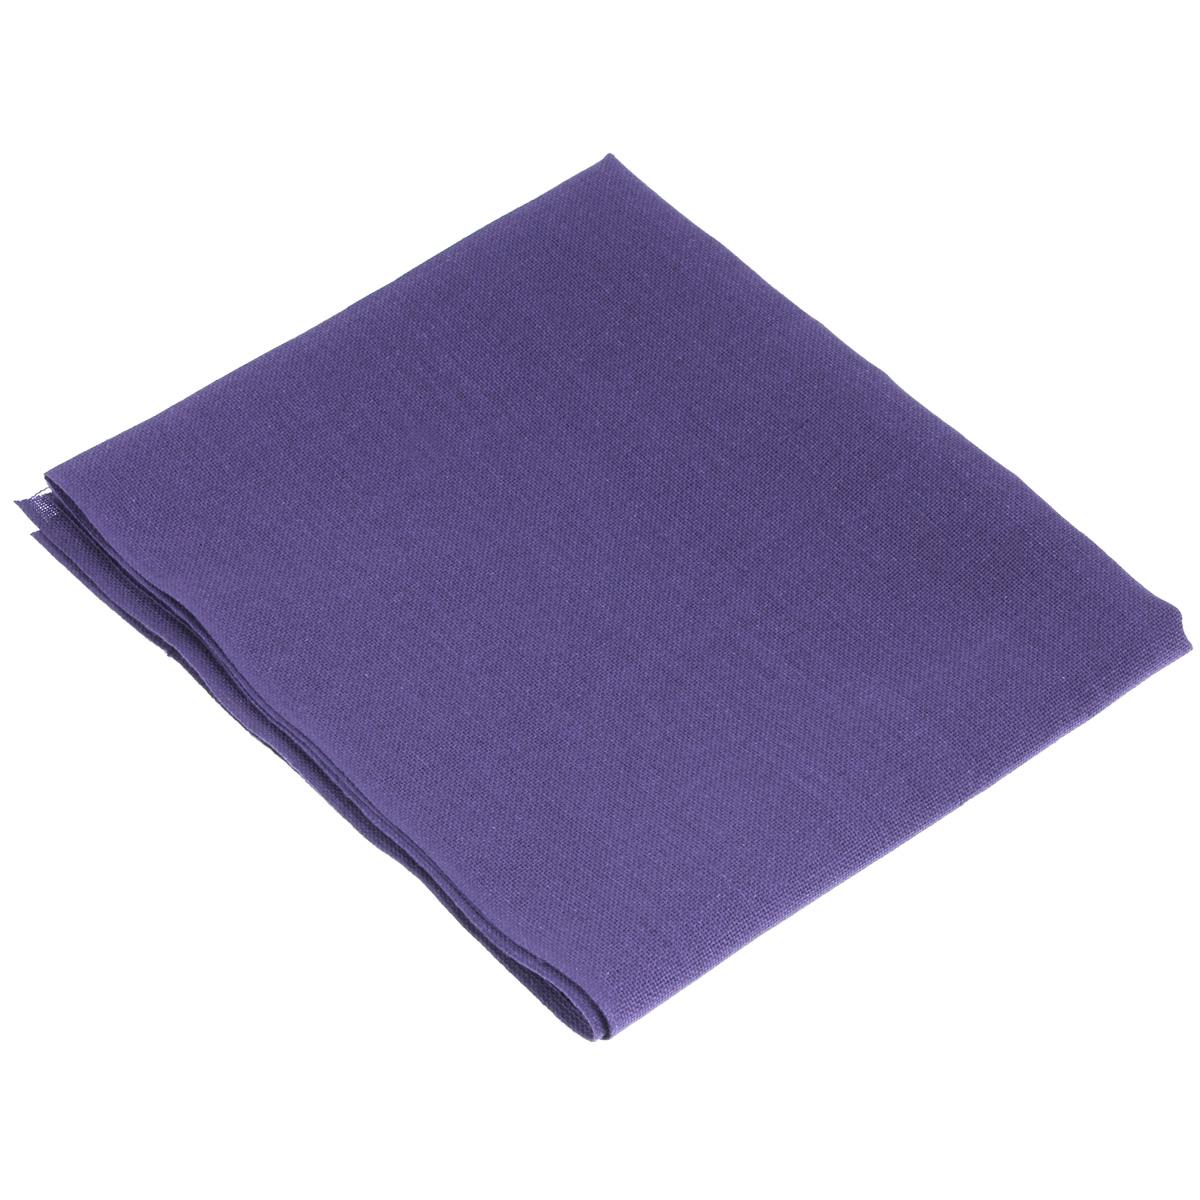 Основа для вышивания крестом или гладью Vaupel & Heilenbeck, цвет: фиолетовый, 20 х 100 см228-200Основа для вышивания крестом или гладью Vaupel & Heilenbeck представляет собой однотонную 11-ти ниточную дорожку, выполненную из 100% льна. Воплотите свои идеи на этой полностью готовой дорожке! Дорожка, украшенная своими руками, дополнит интерьер любого помещения, а также сможет стать изысканным подарком для ваших друзей и близких.